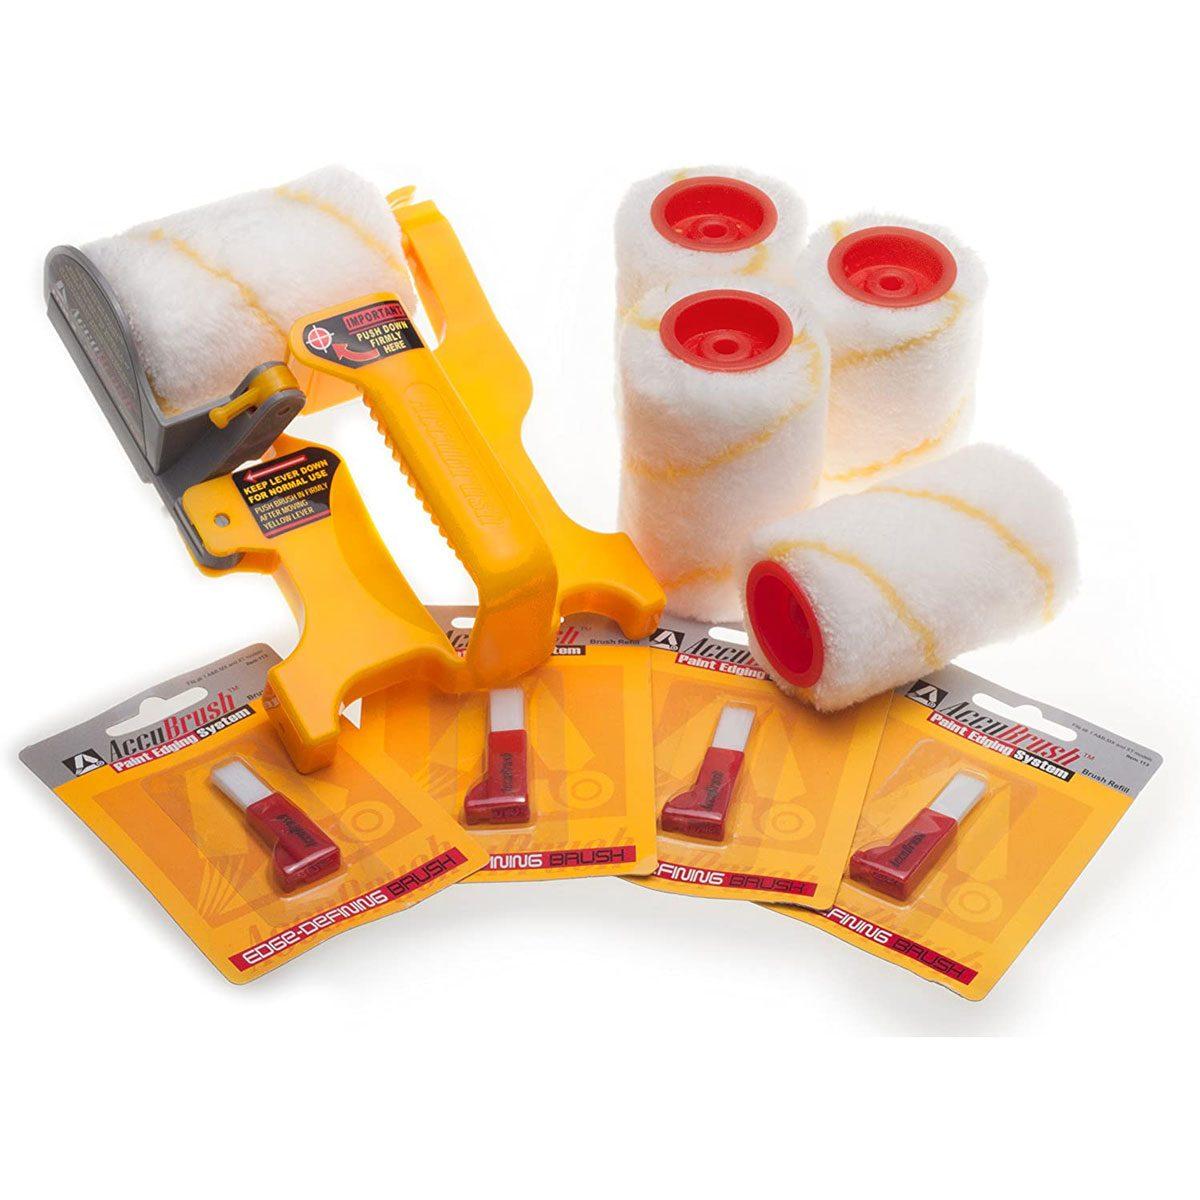 Paint edge kit